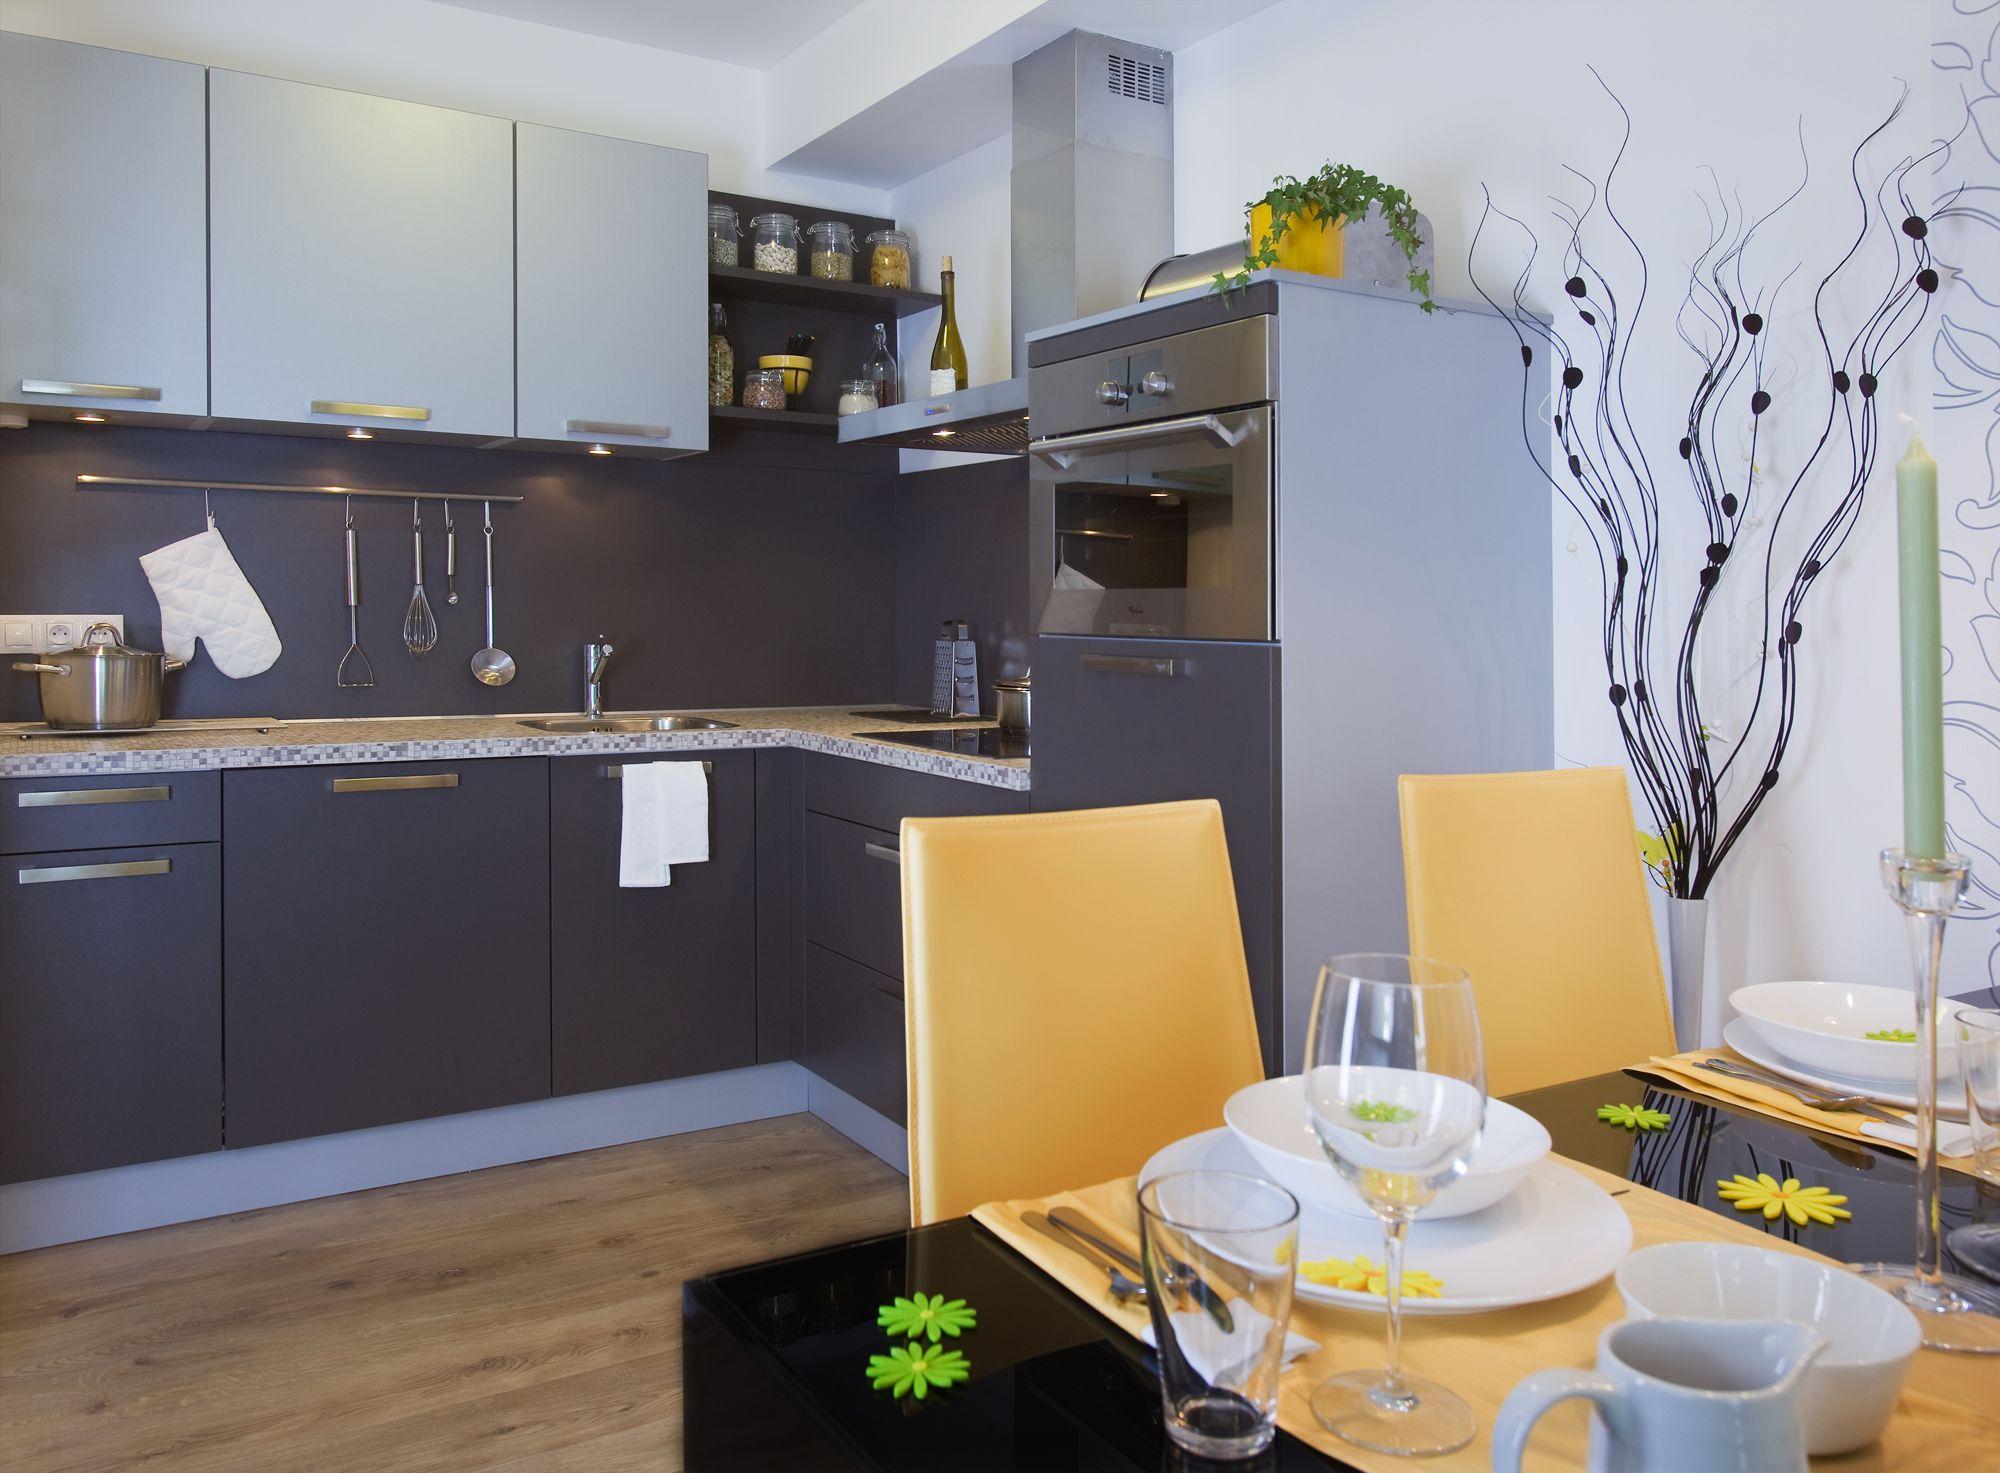 Kuchyně ve vzorovém domě